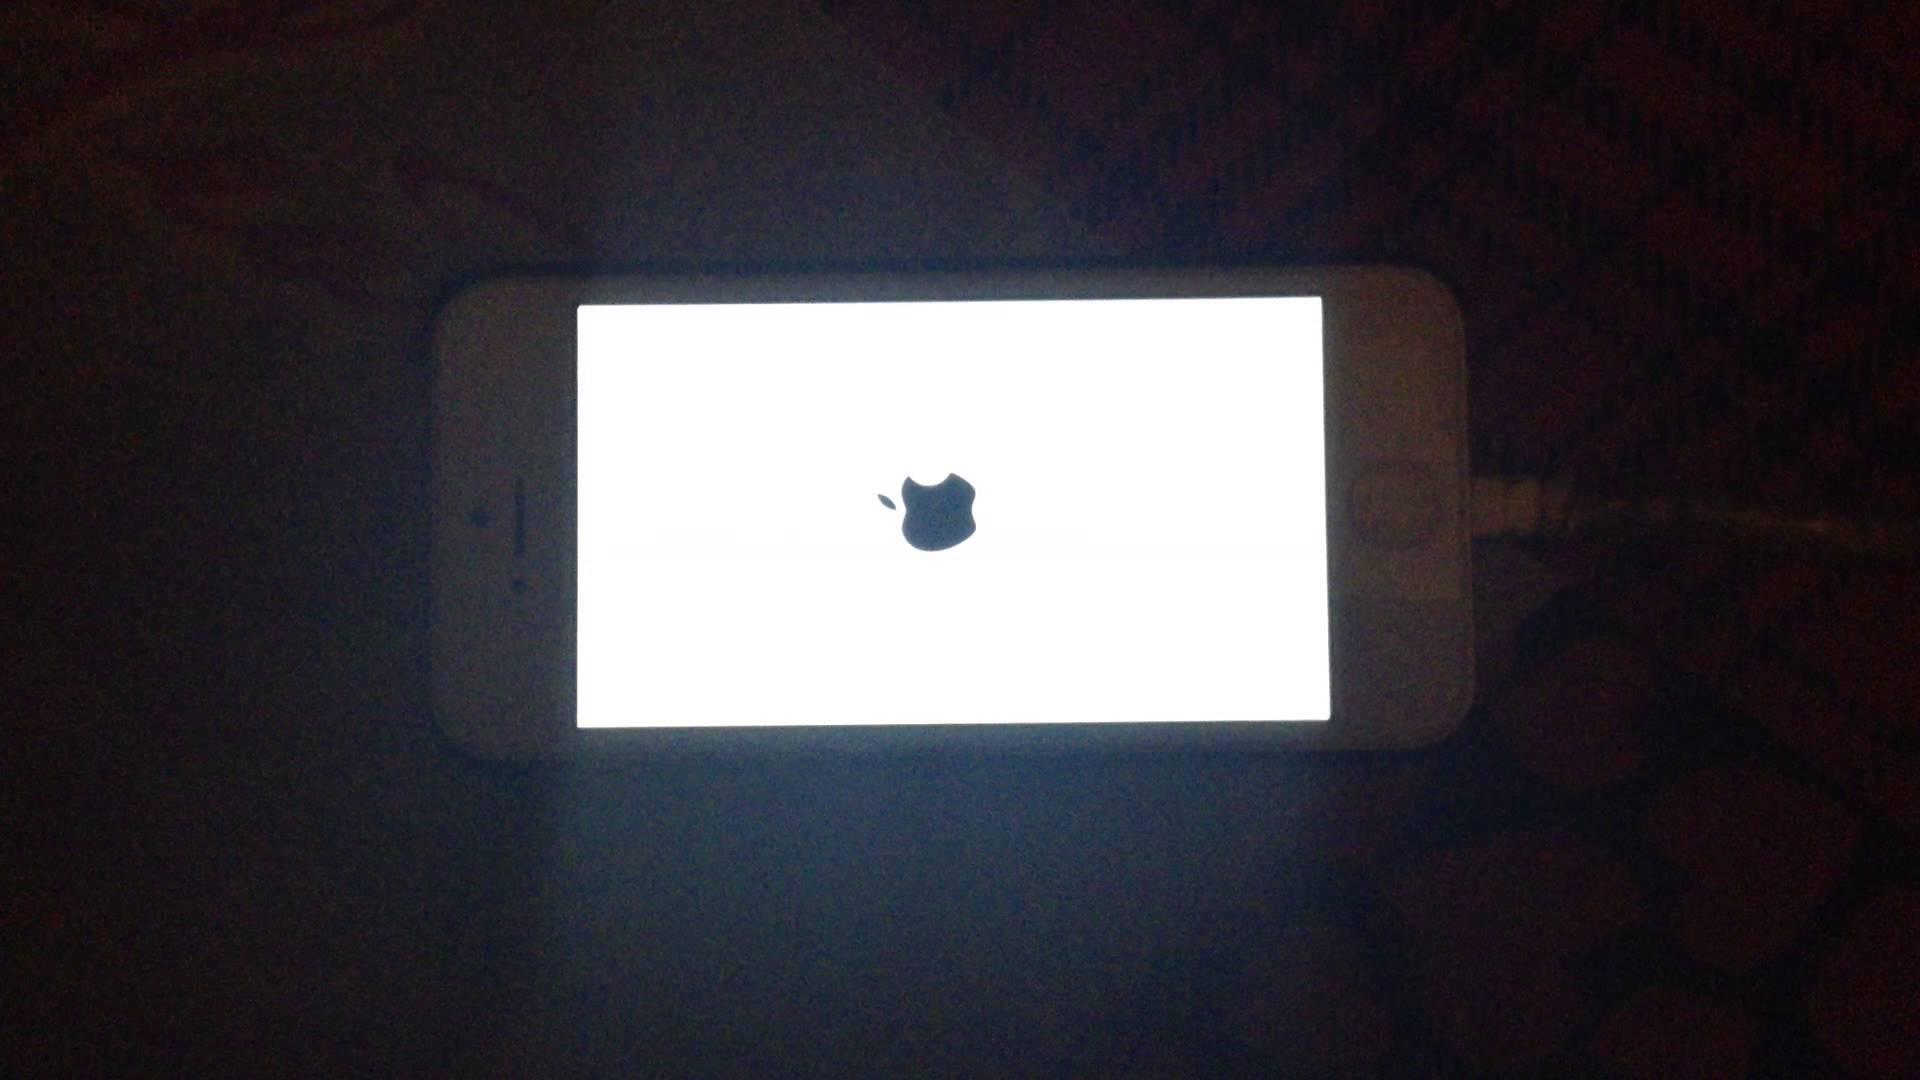 Iphone flashing apple Logos.